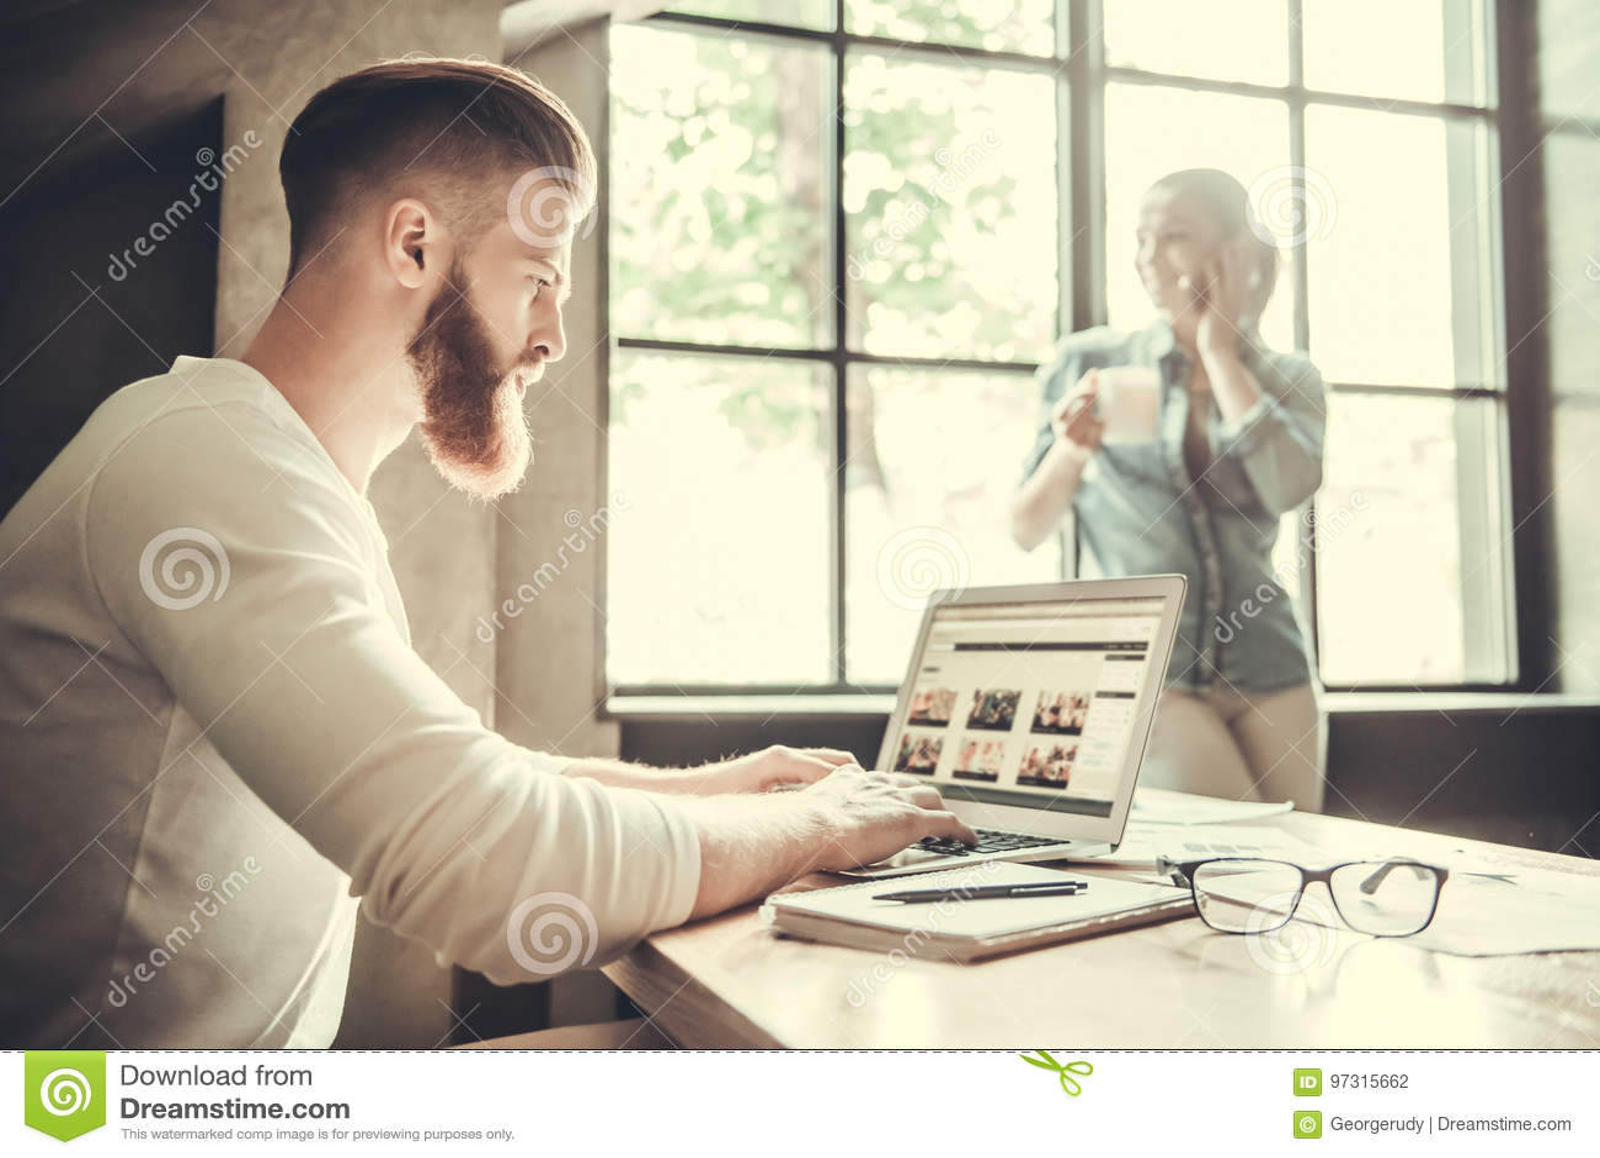 Folk som arbetar i kontoret